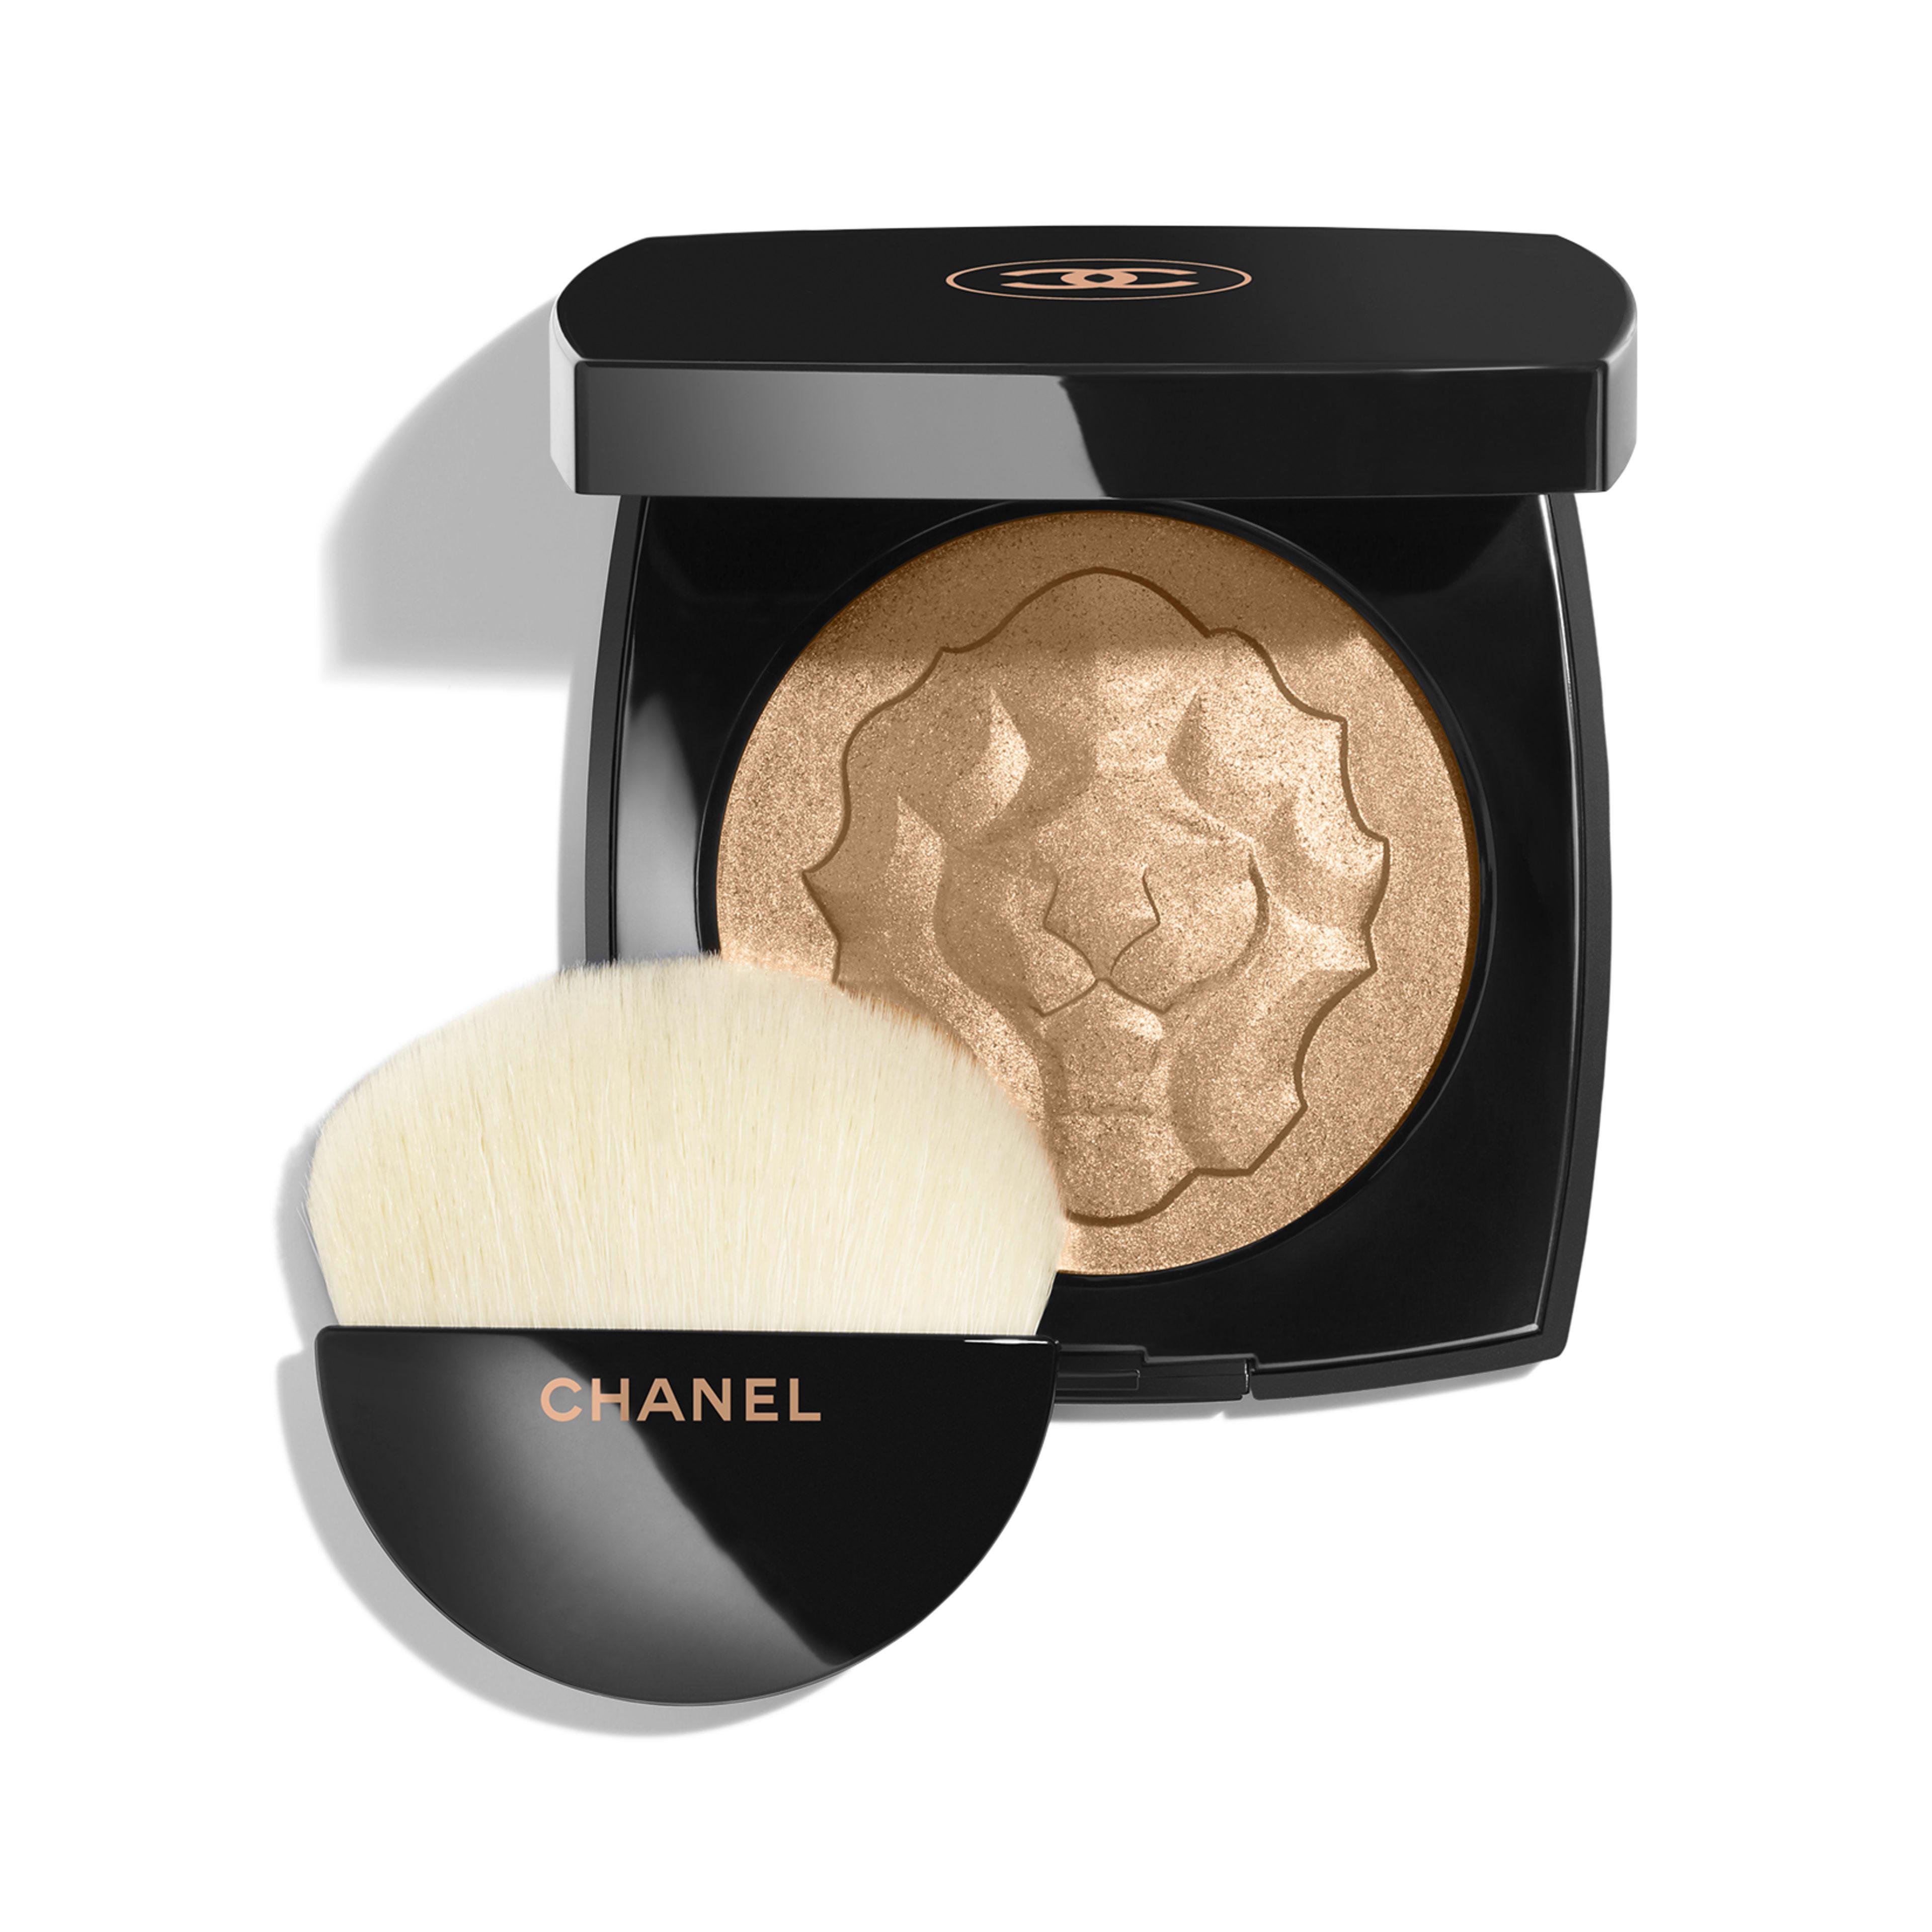 LE LION DE CHANEL - makeup - 0.28OZ. - Default view